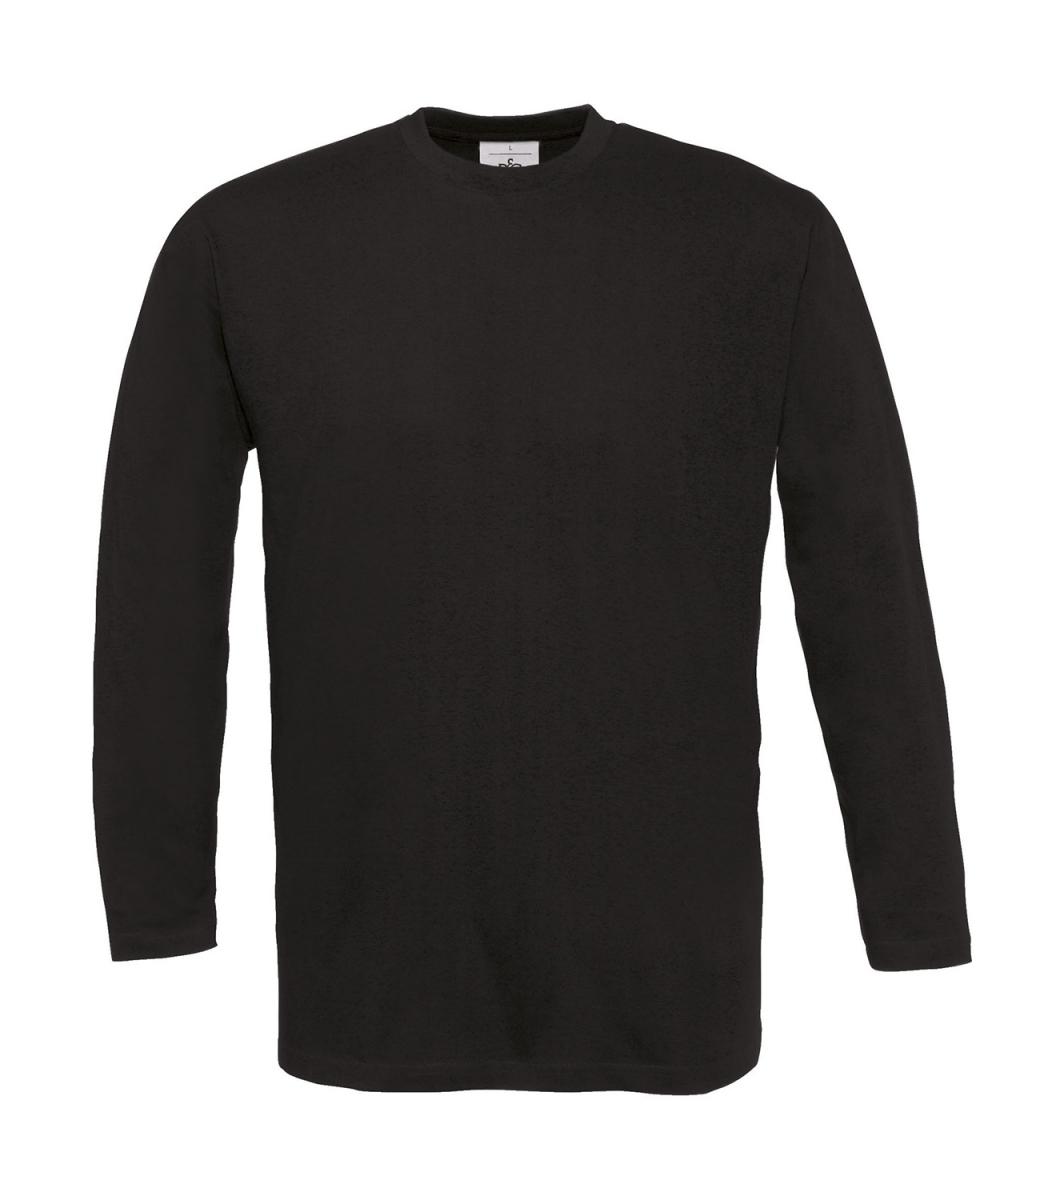 687e0a74fe626 Betc T-shirt manches longues homme - col rond - TU005 - noir ...